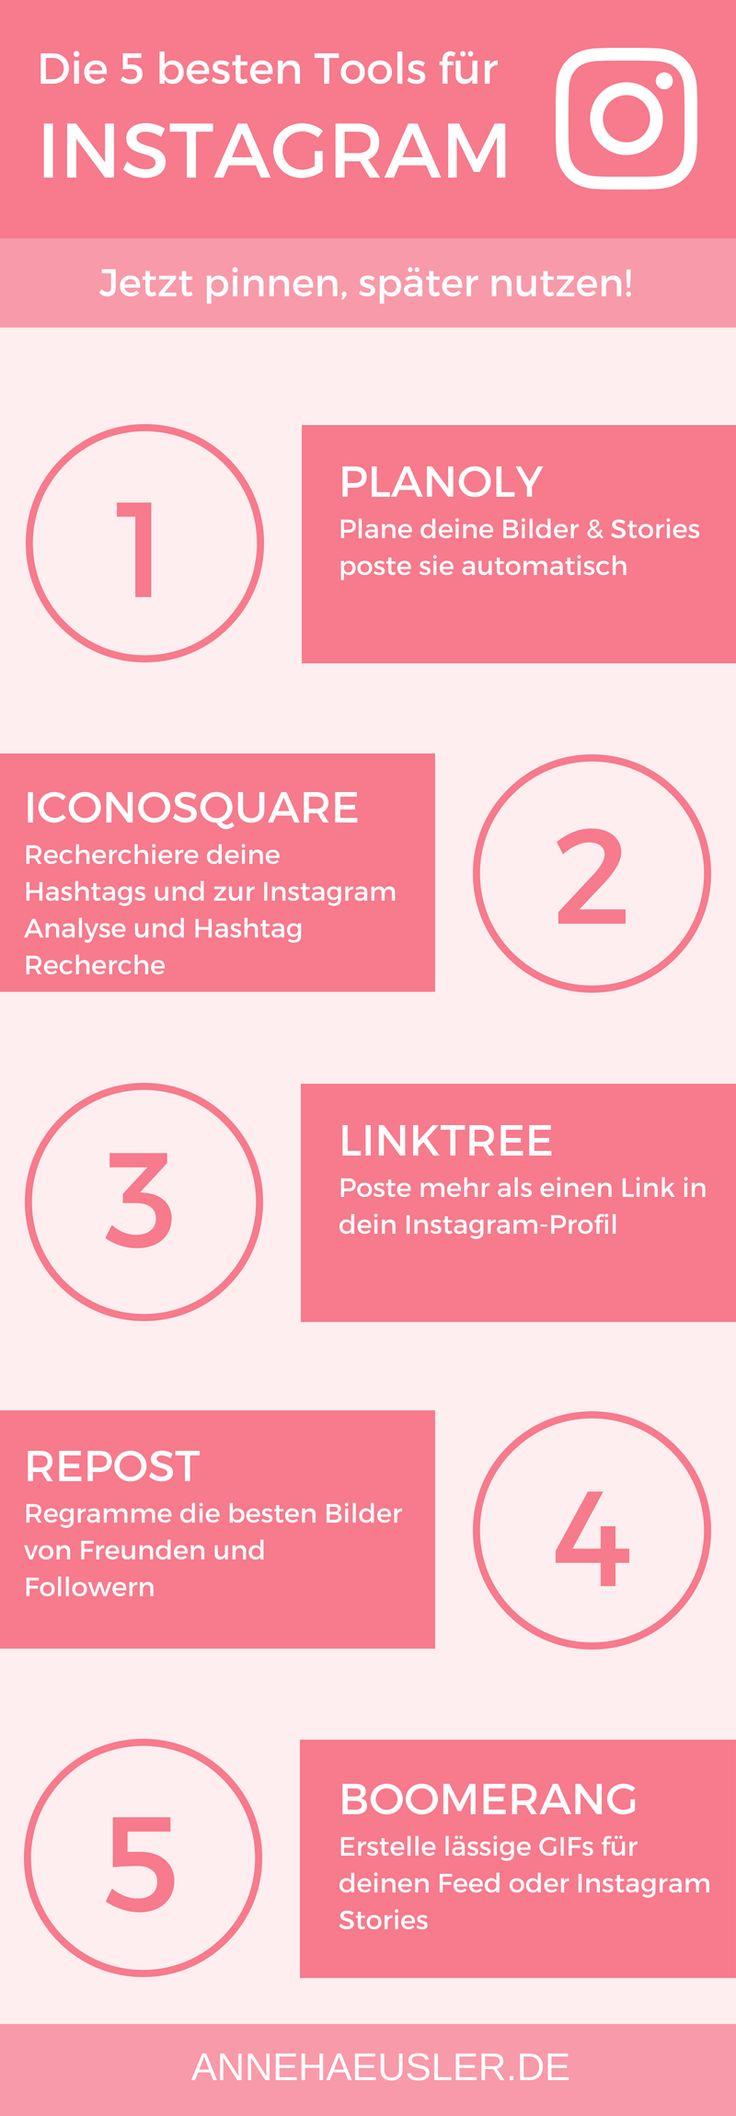 Die 37+ besten Online-Marketing und Blogging Tools